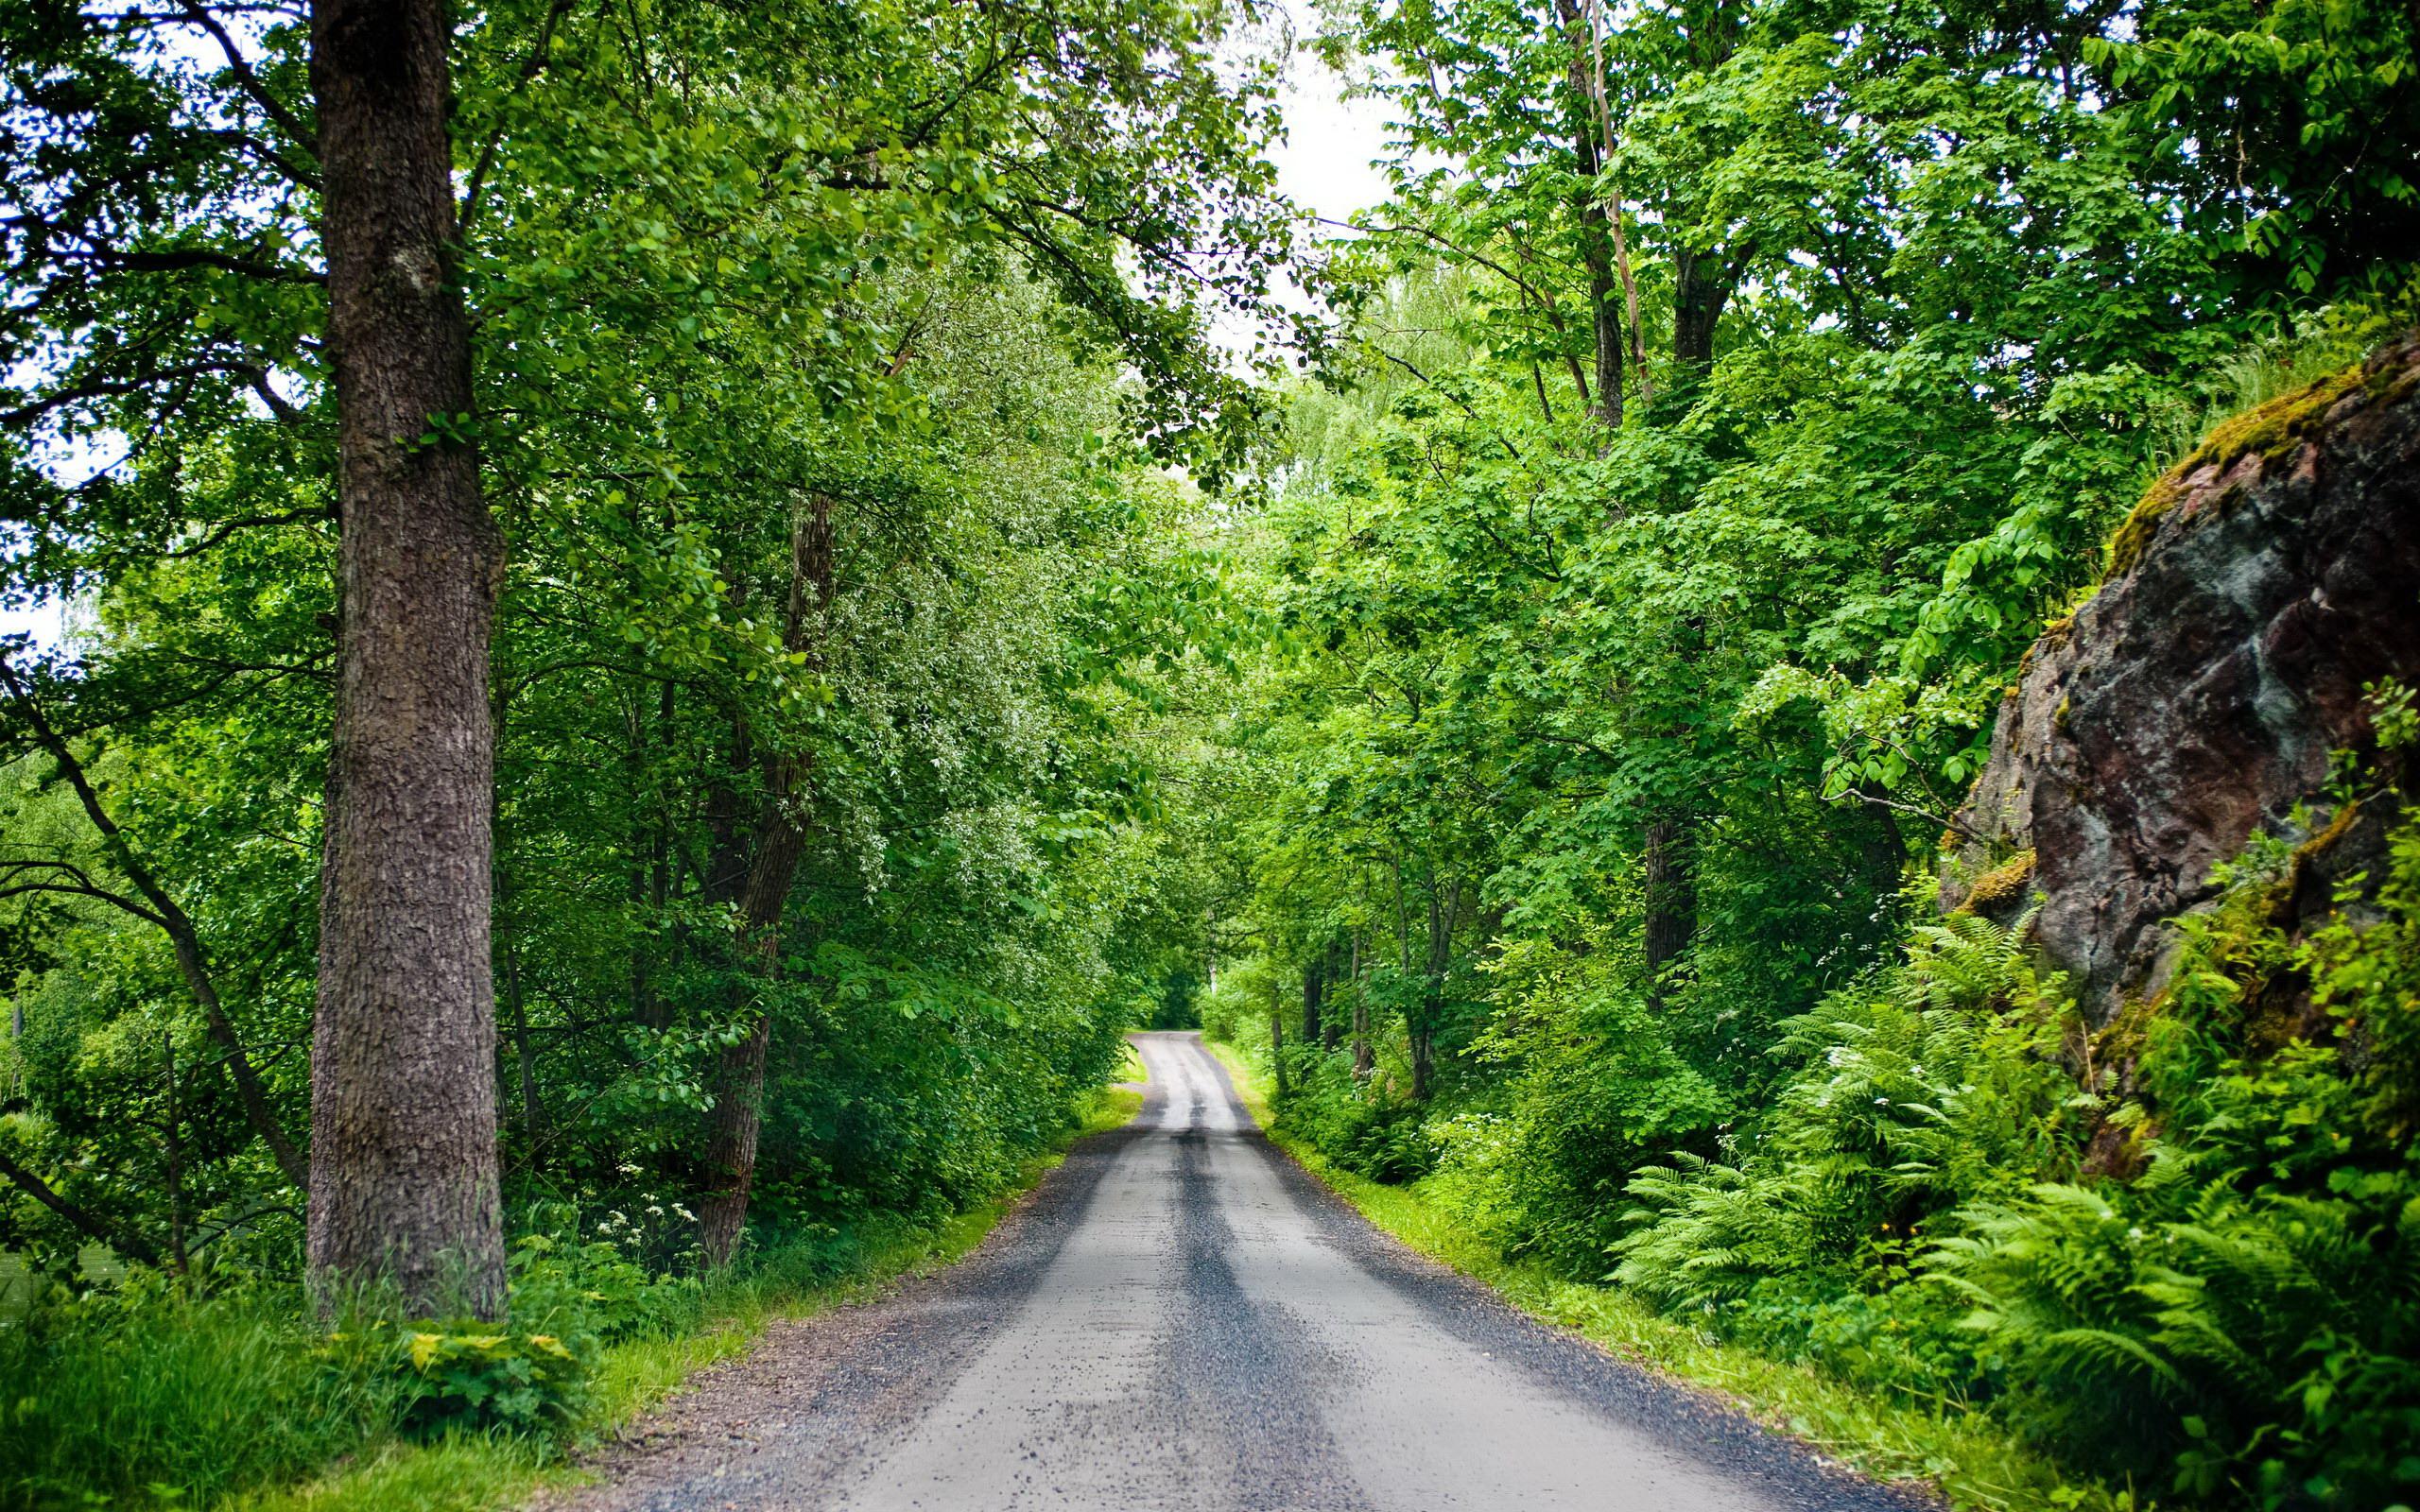 дорога в лесу, деревья, зеленый лес, фото